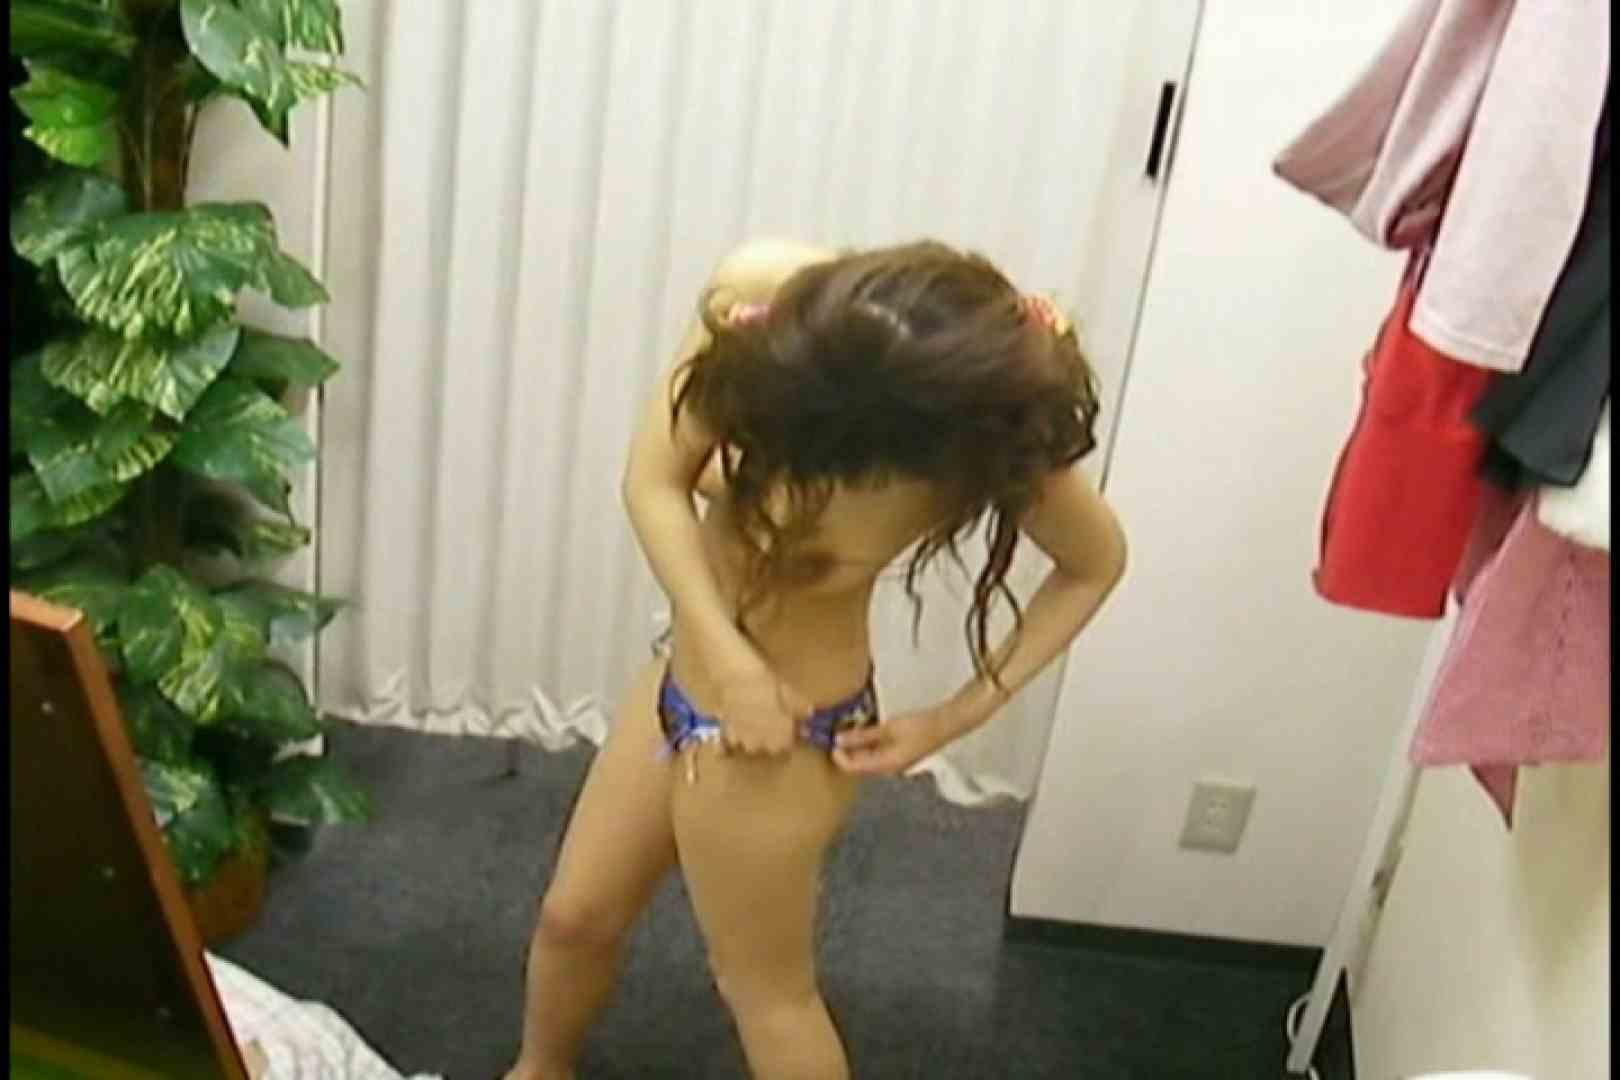 素人撮影 下着だけの撮影のはずが・・・まゆ20歳 巨乳女子 | おっぱい特集  88pic 55